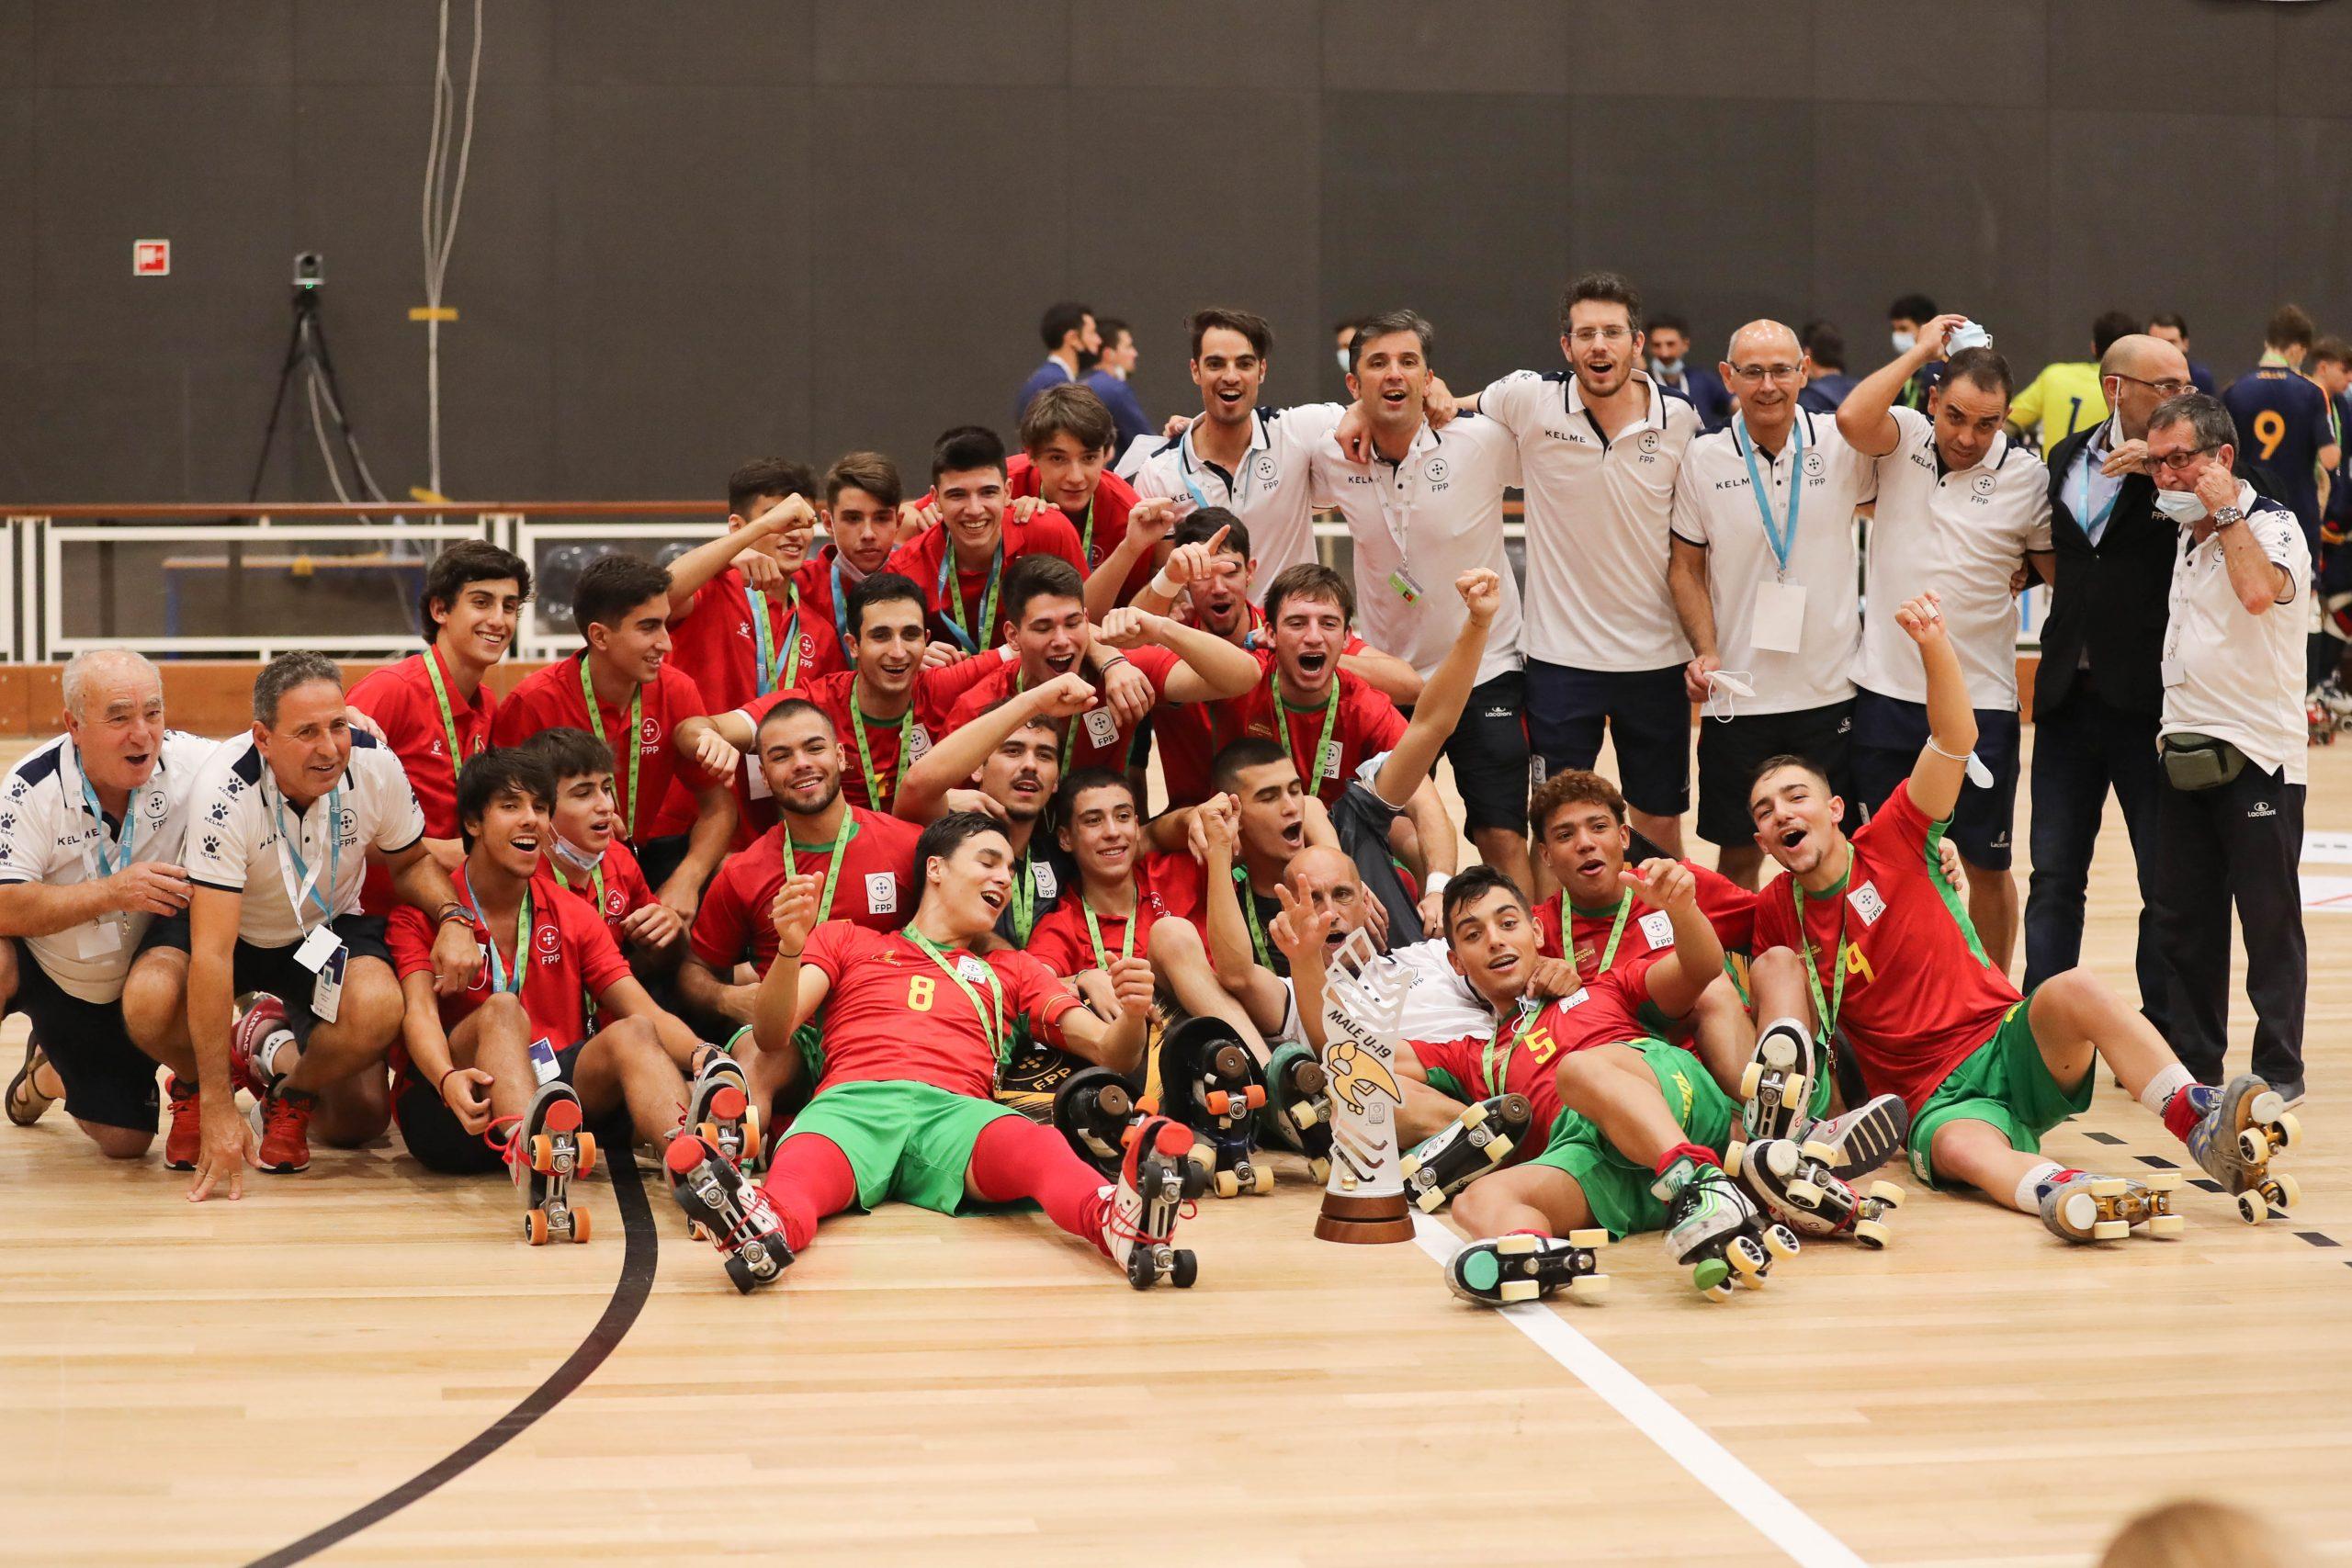 PHOTOS - 11-09-2021 - EURO U17 & 19 - PAREDES 2021 - Closing Ceremony